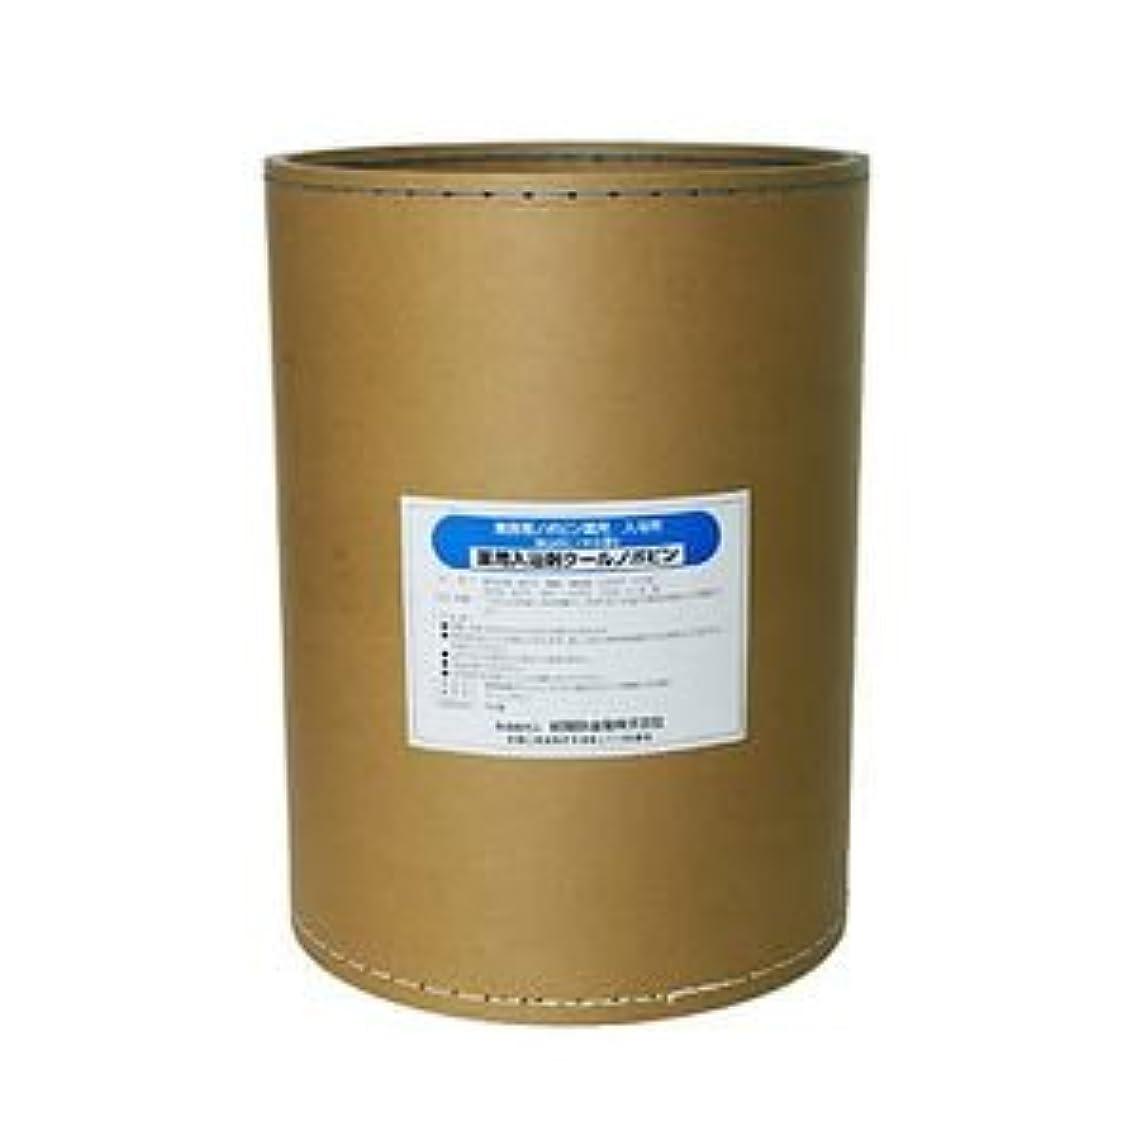 違法アドバイス食料品店業務用入浴剤 クールノボピン 18kg